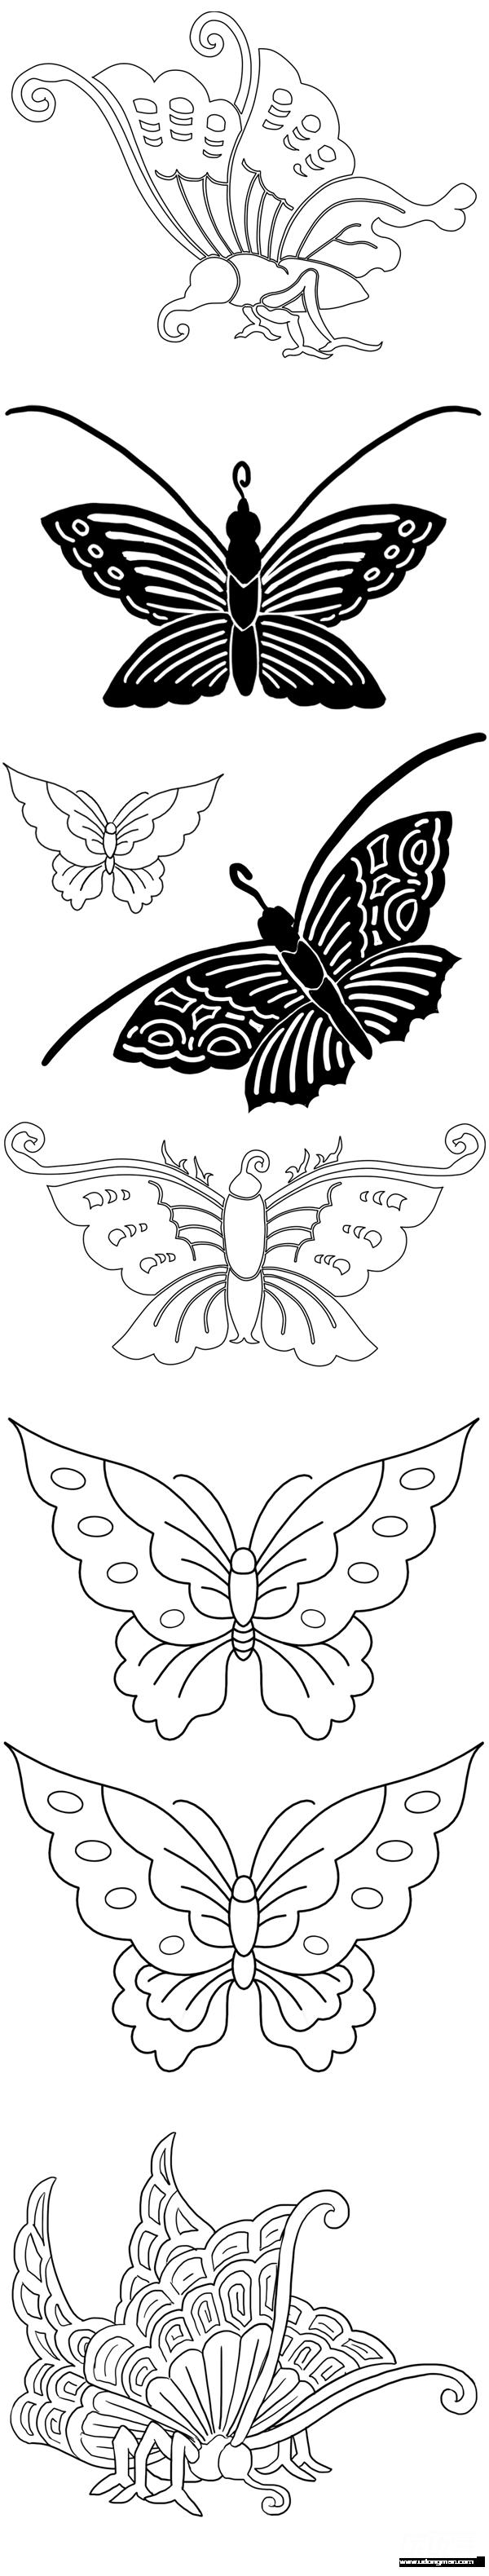 安利集 和风蝴蝶png素材~ 标签:蝴蝶和风素材图腾